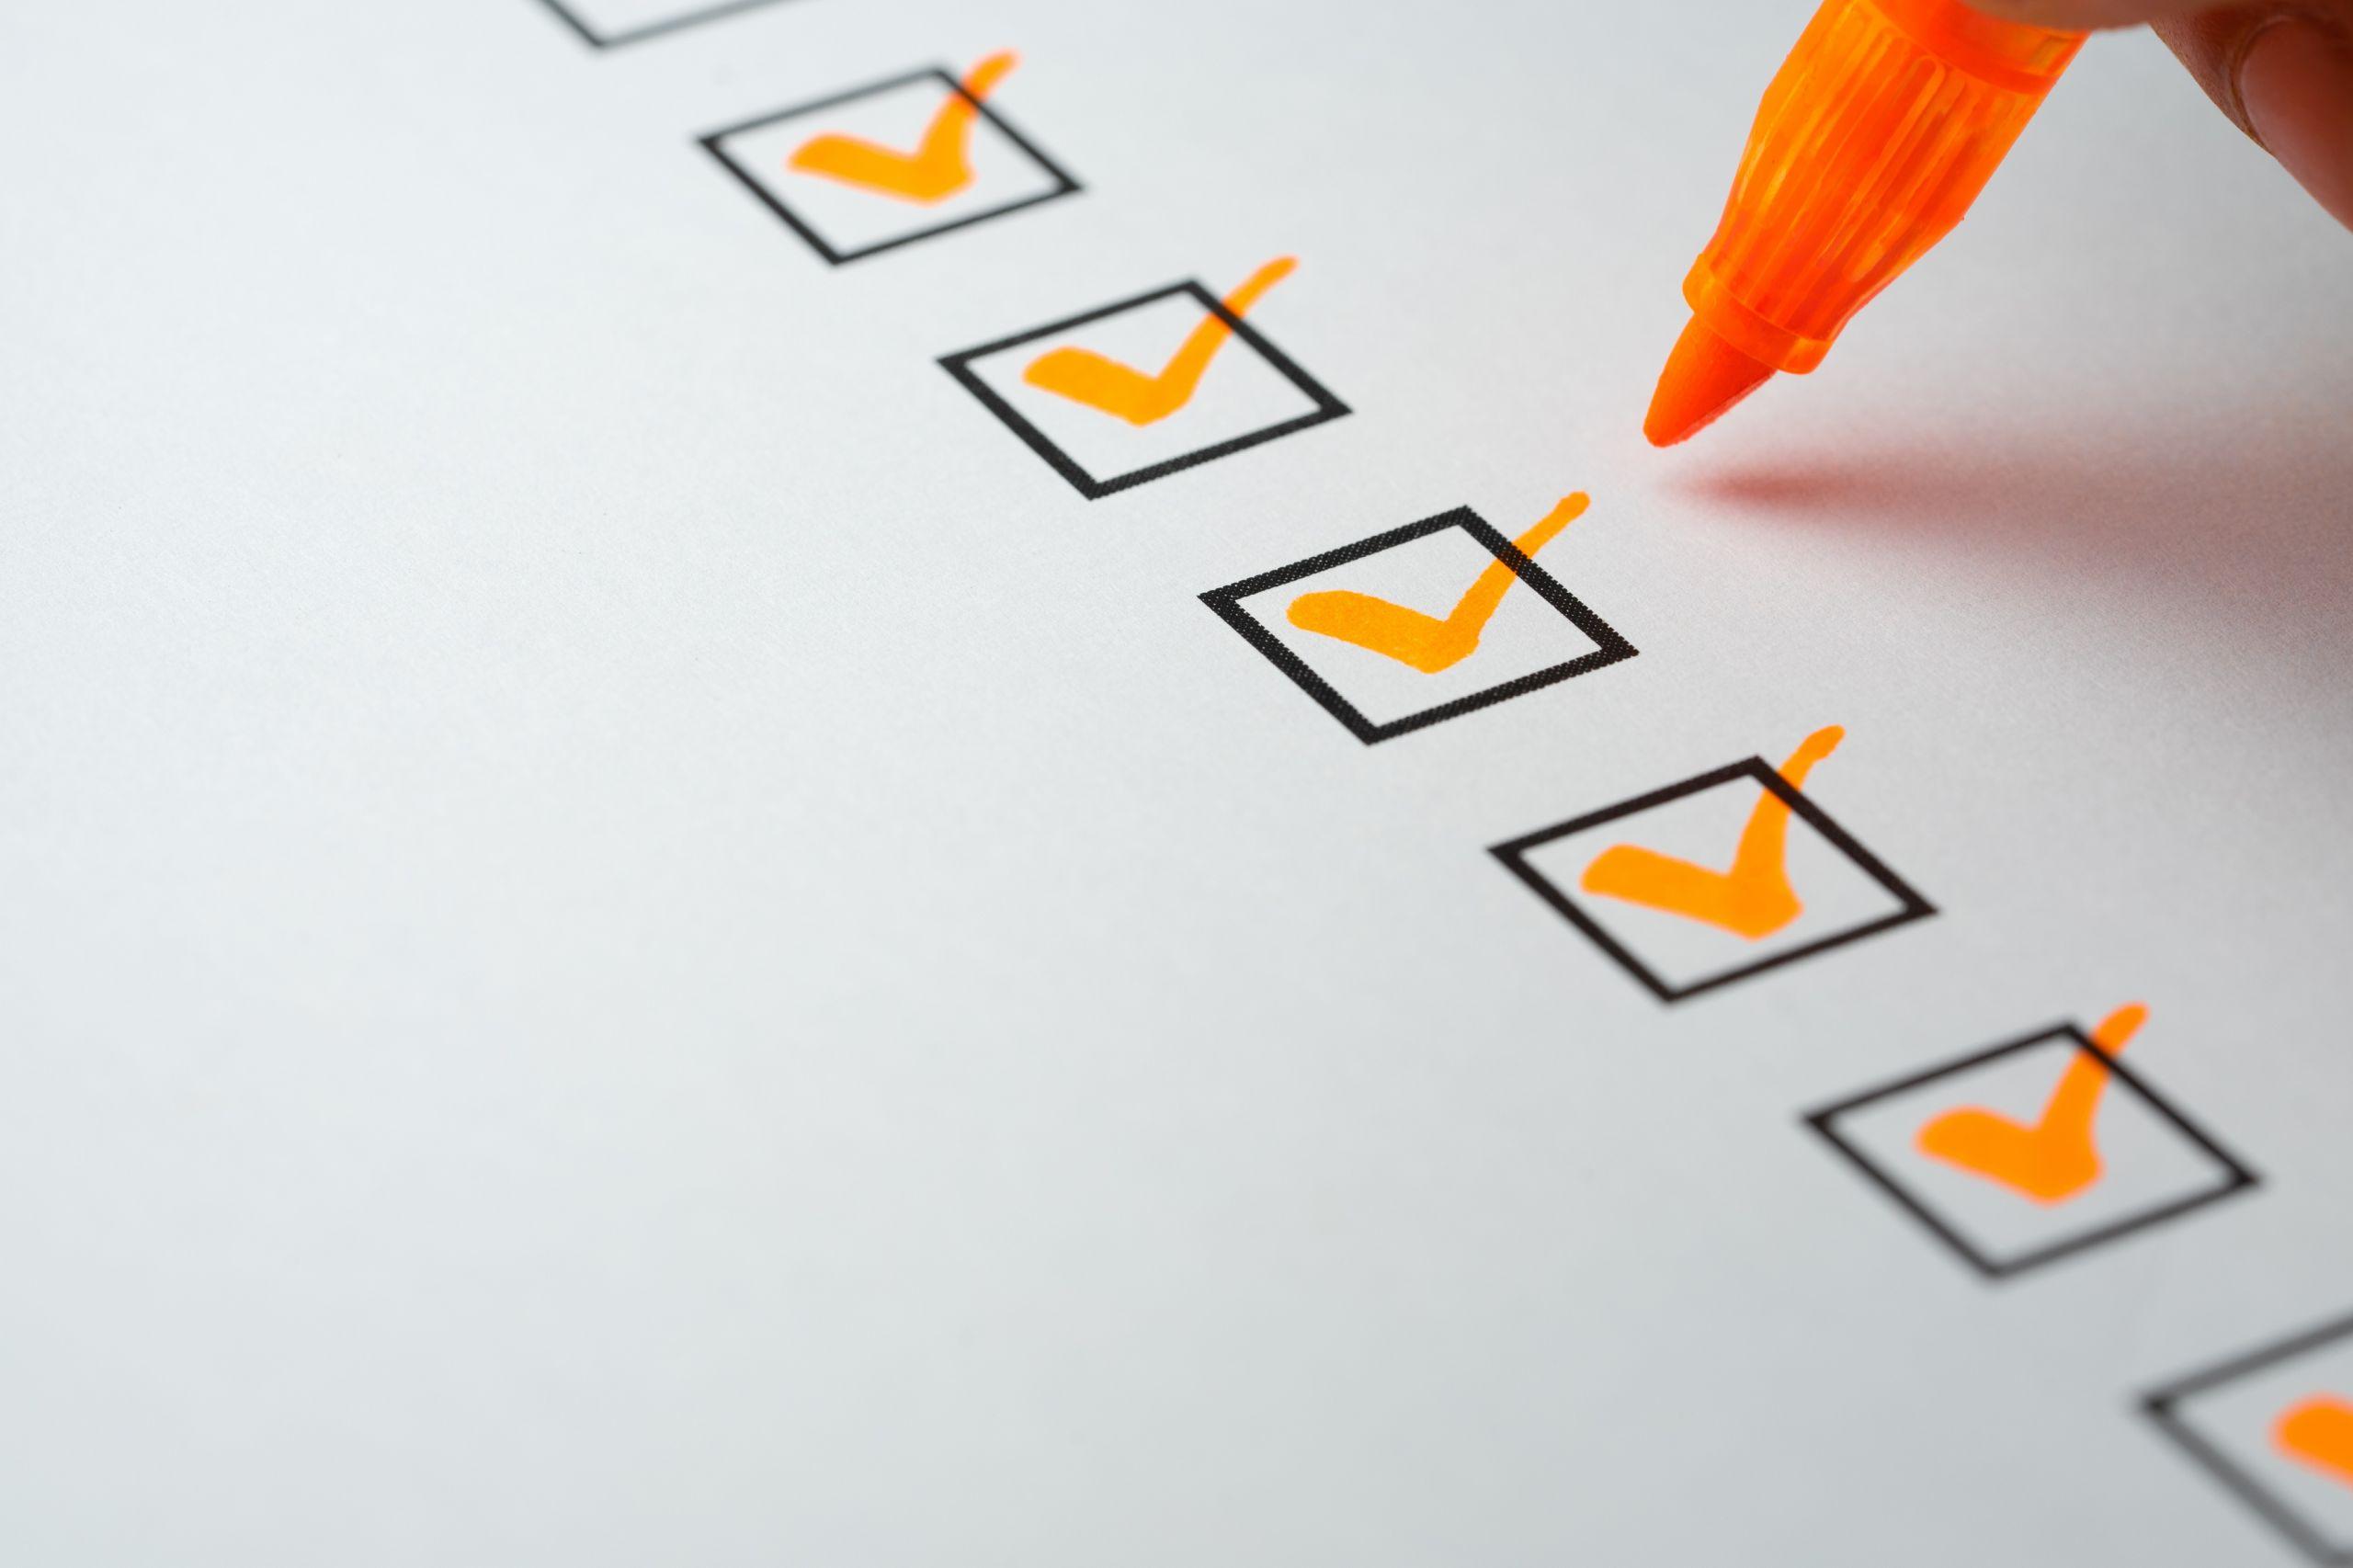 Eine Checkliste bestehend aus fünf Kästchen, die jeweils mit einem orangenem Haken versehen sind.